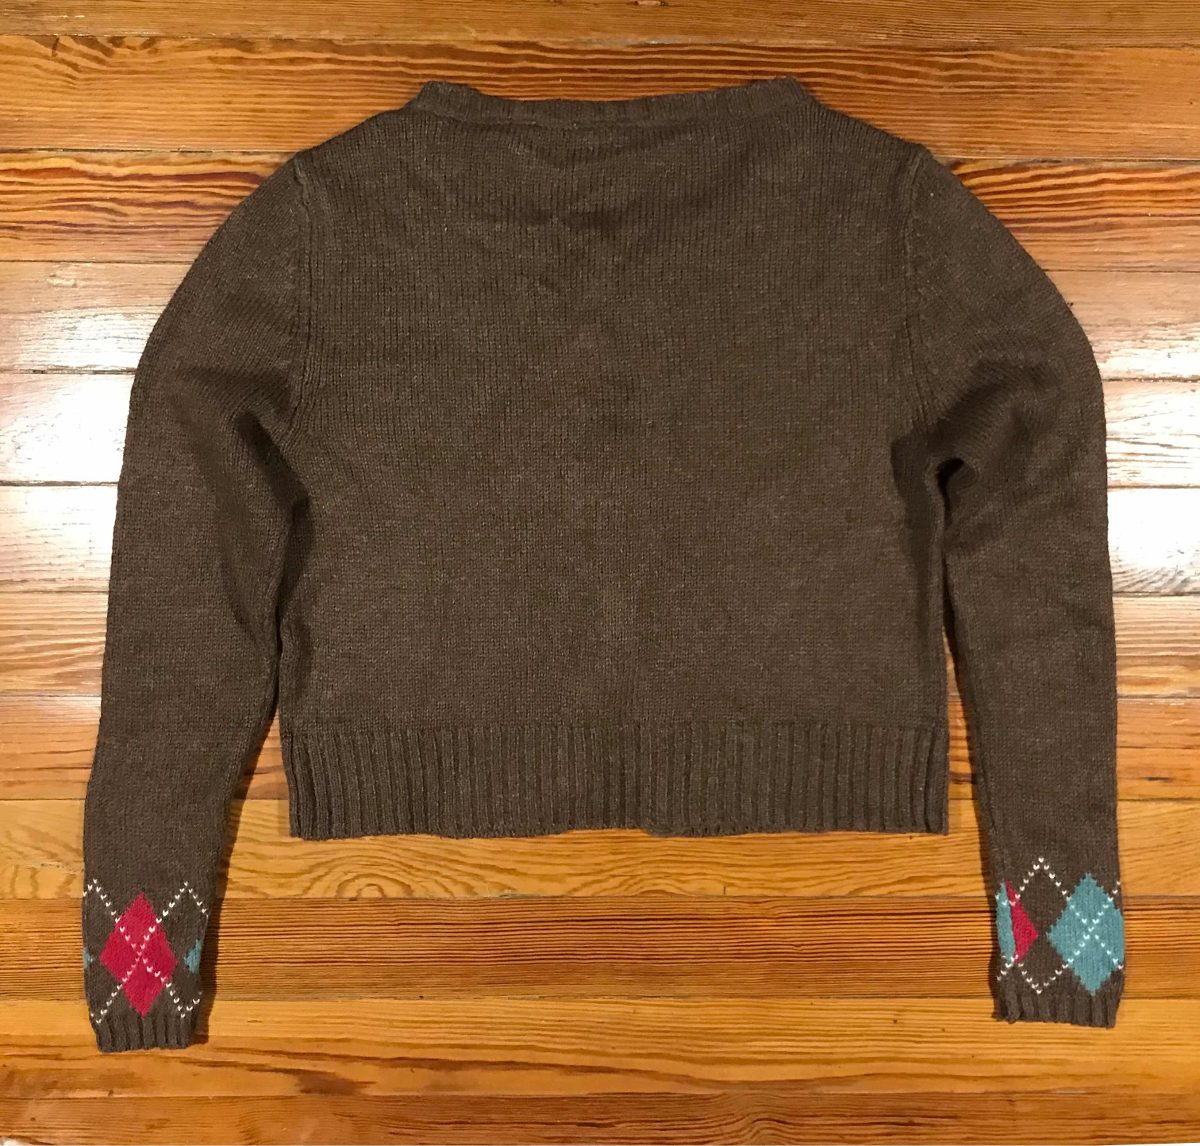 saco lana de mujer sweater importado de eeuu lee cardigan. Cargando zoom. d9254aca0a32